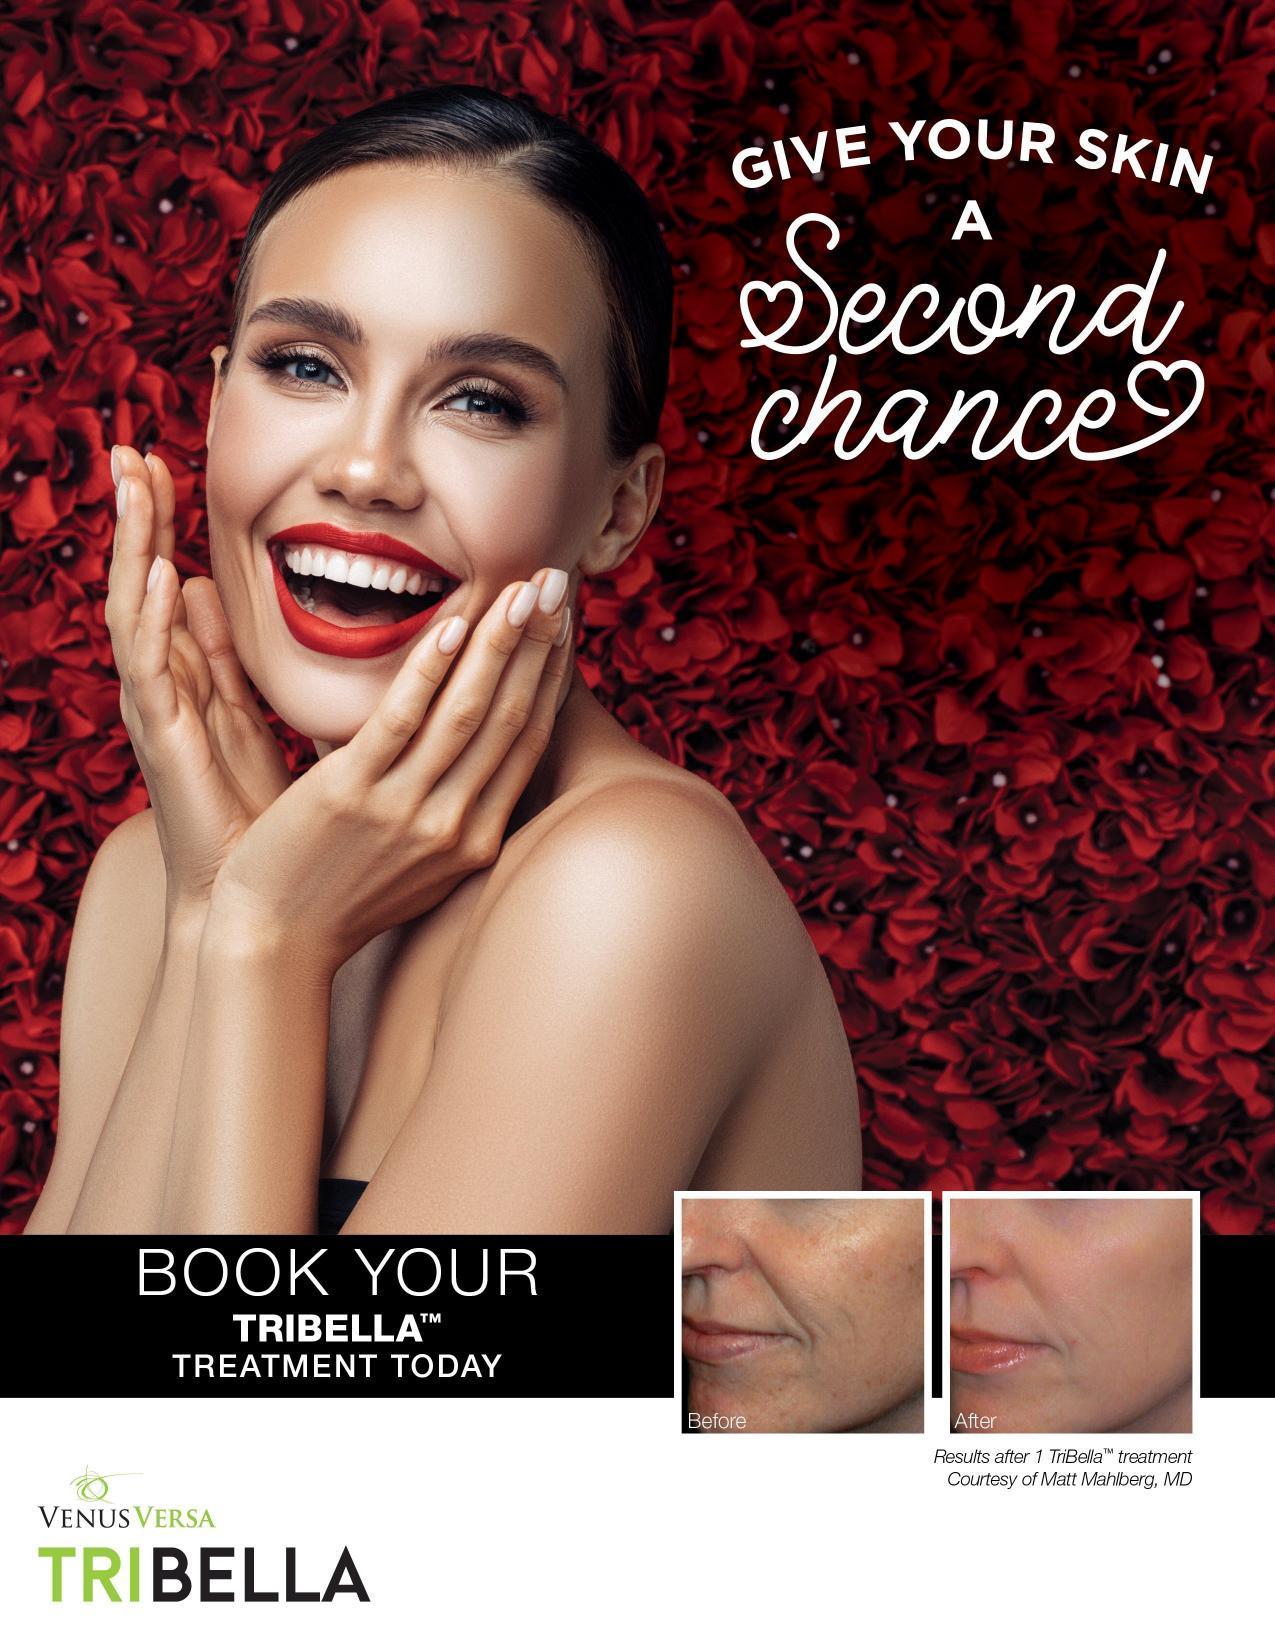 Diamond Polar Facials. The Tribella Facial Treatment